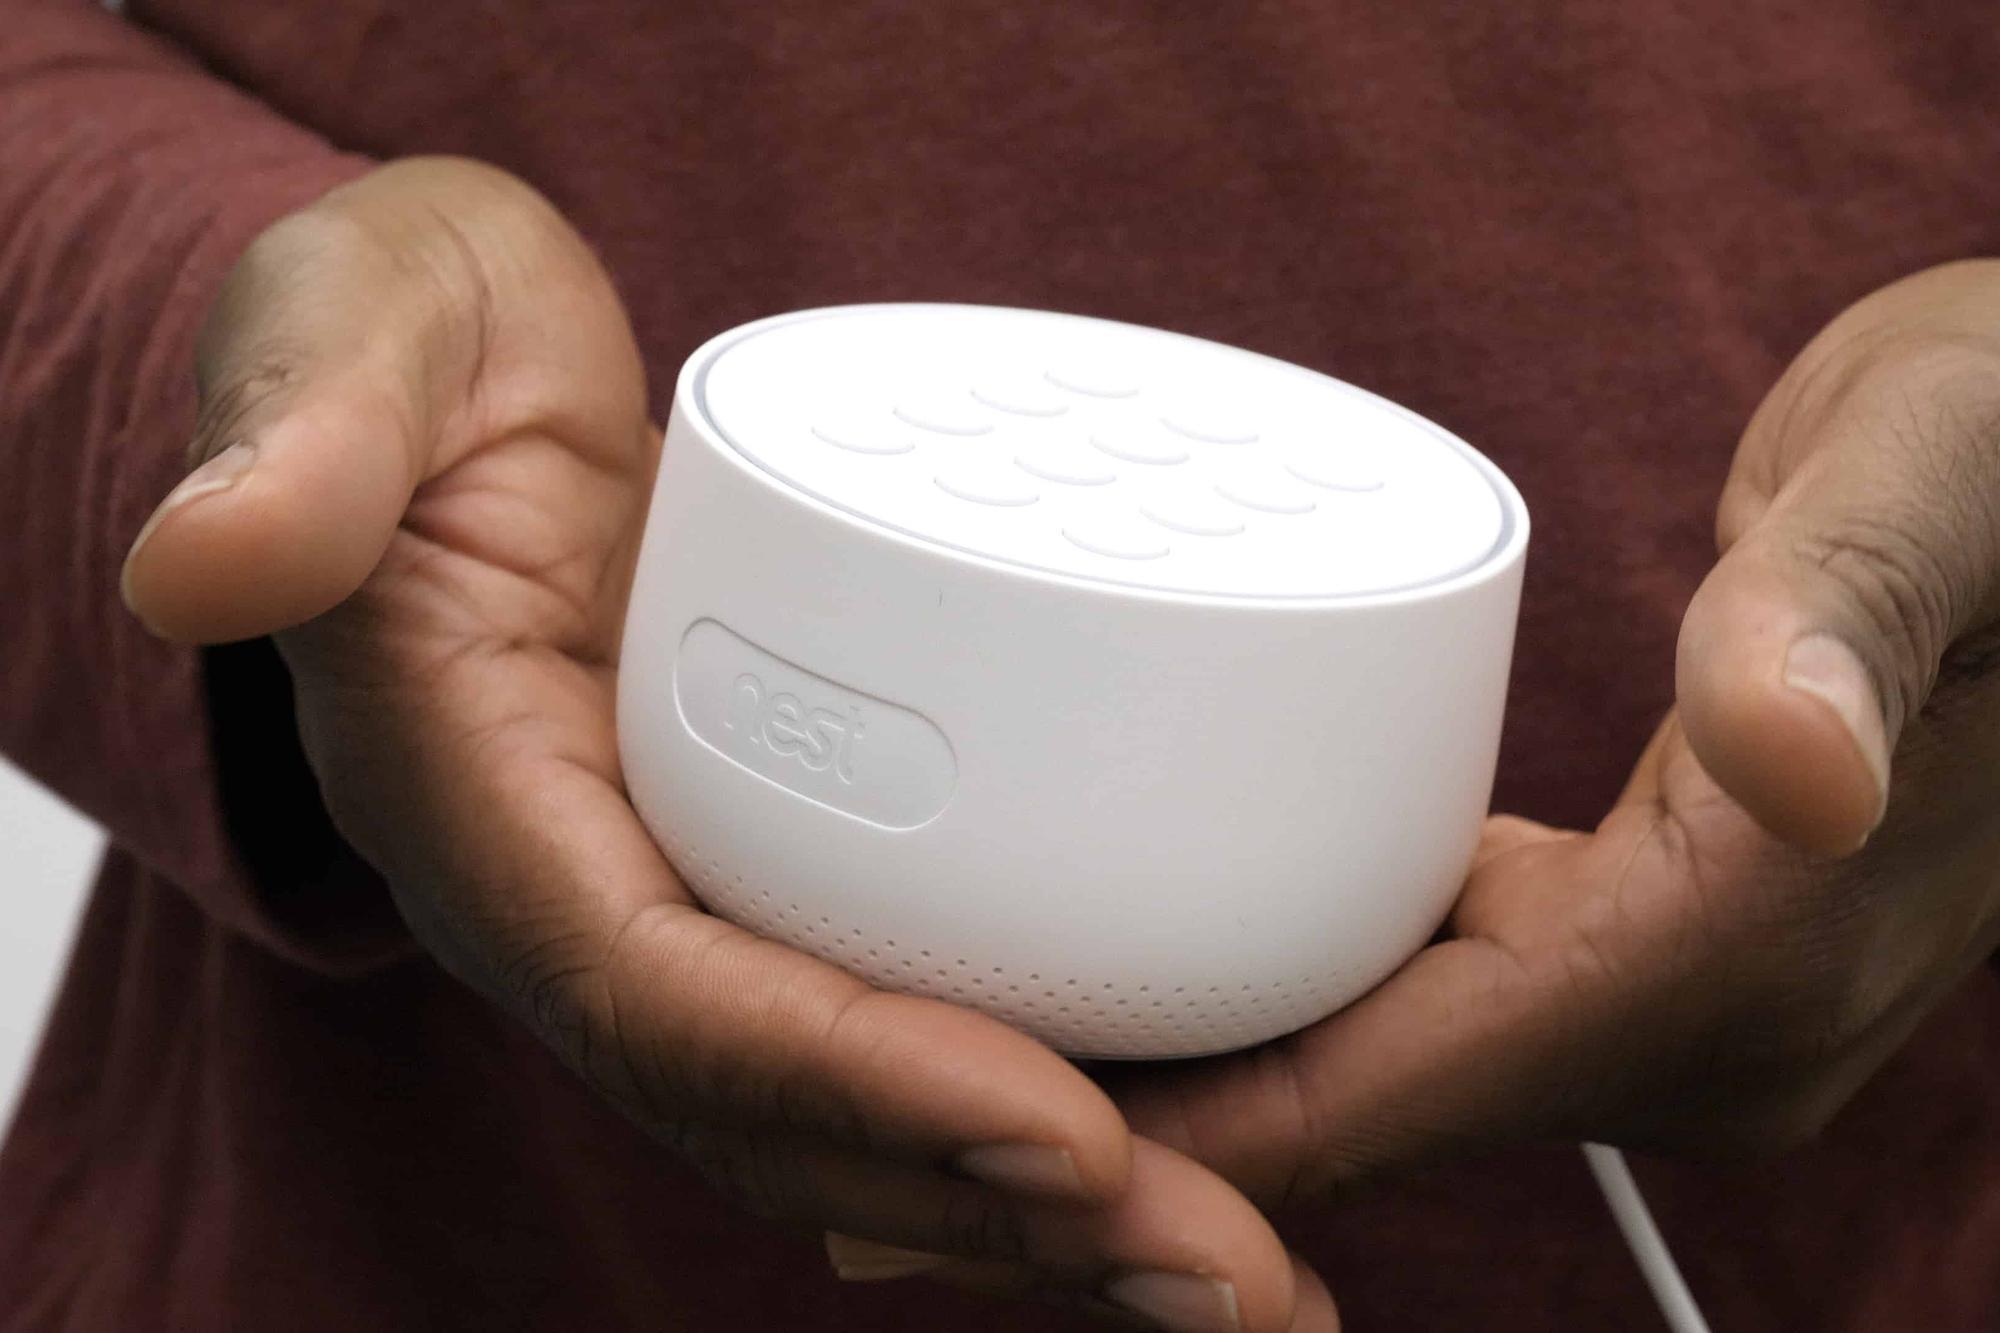 El dispositivo Nest tiene un micrófono, pero Google se olvidó de avisarle a los usuarios